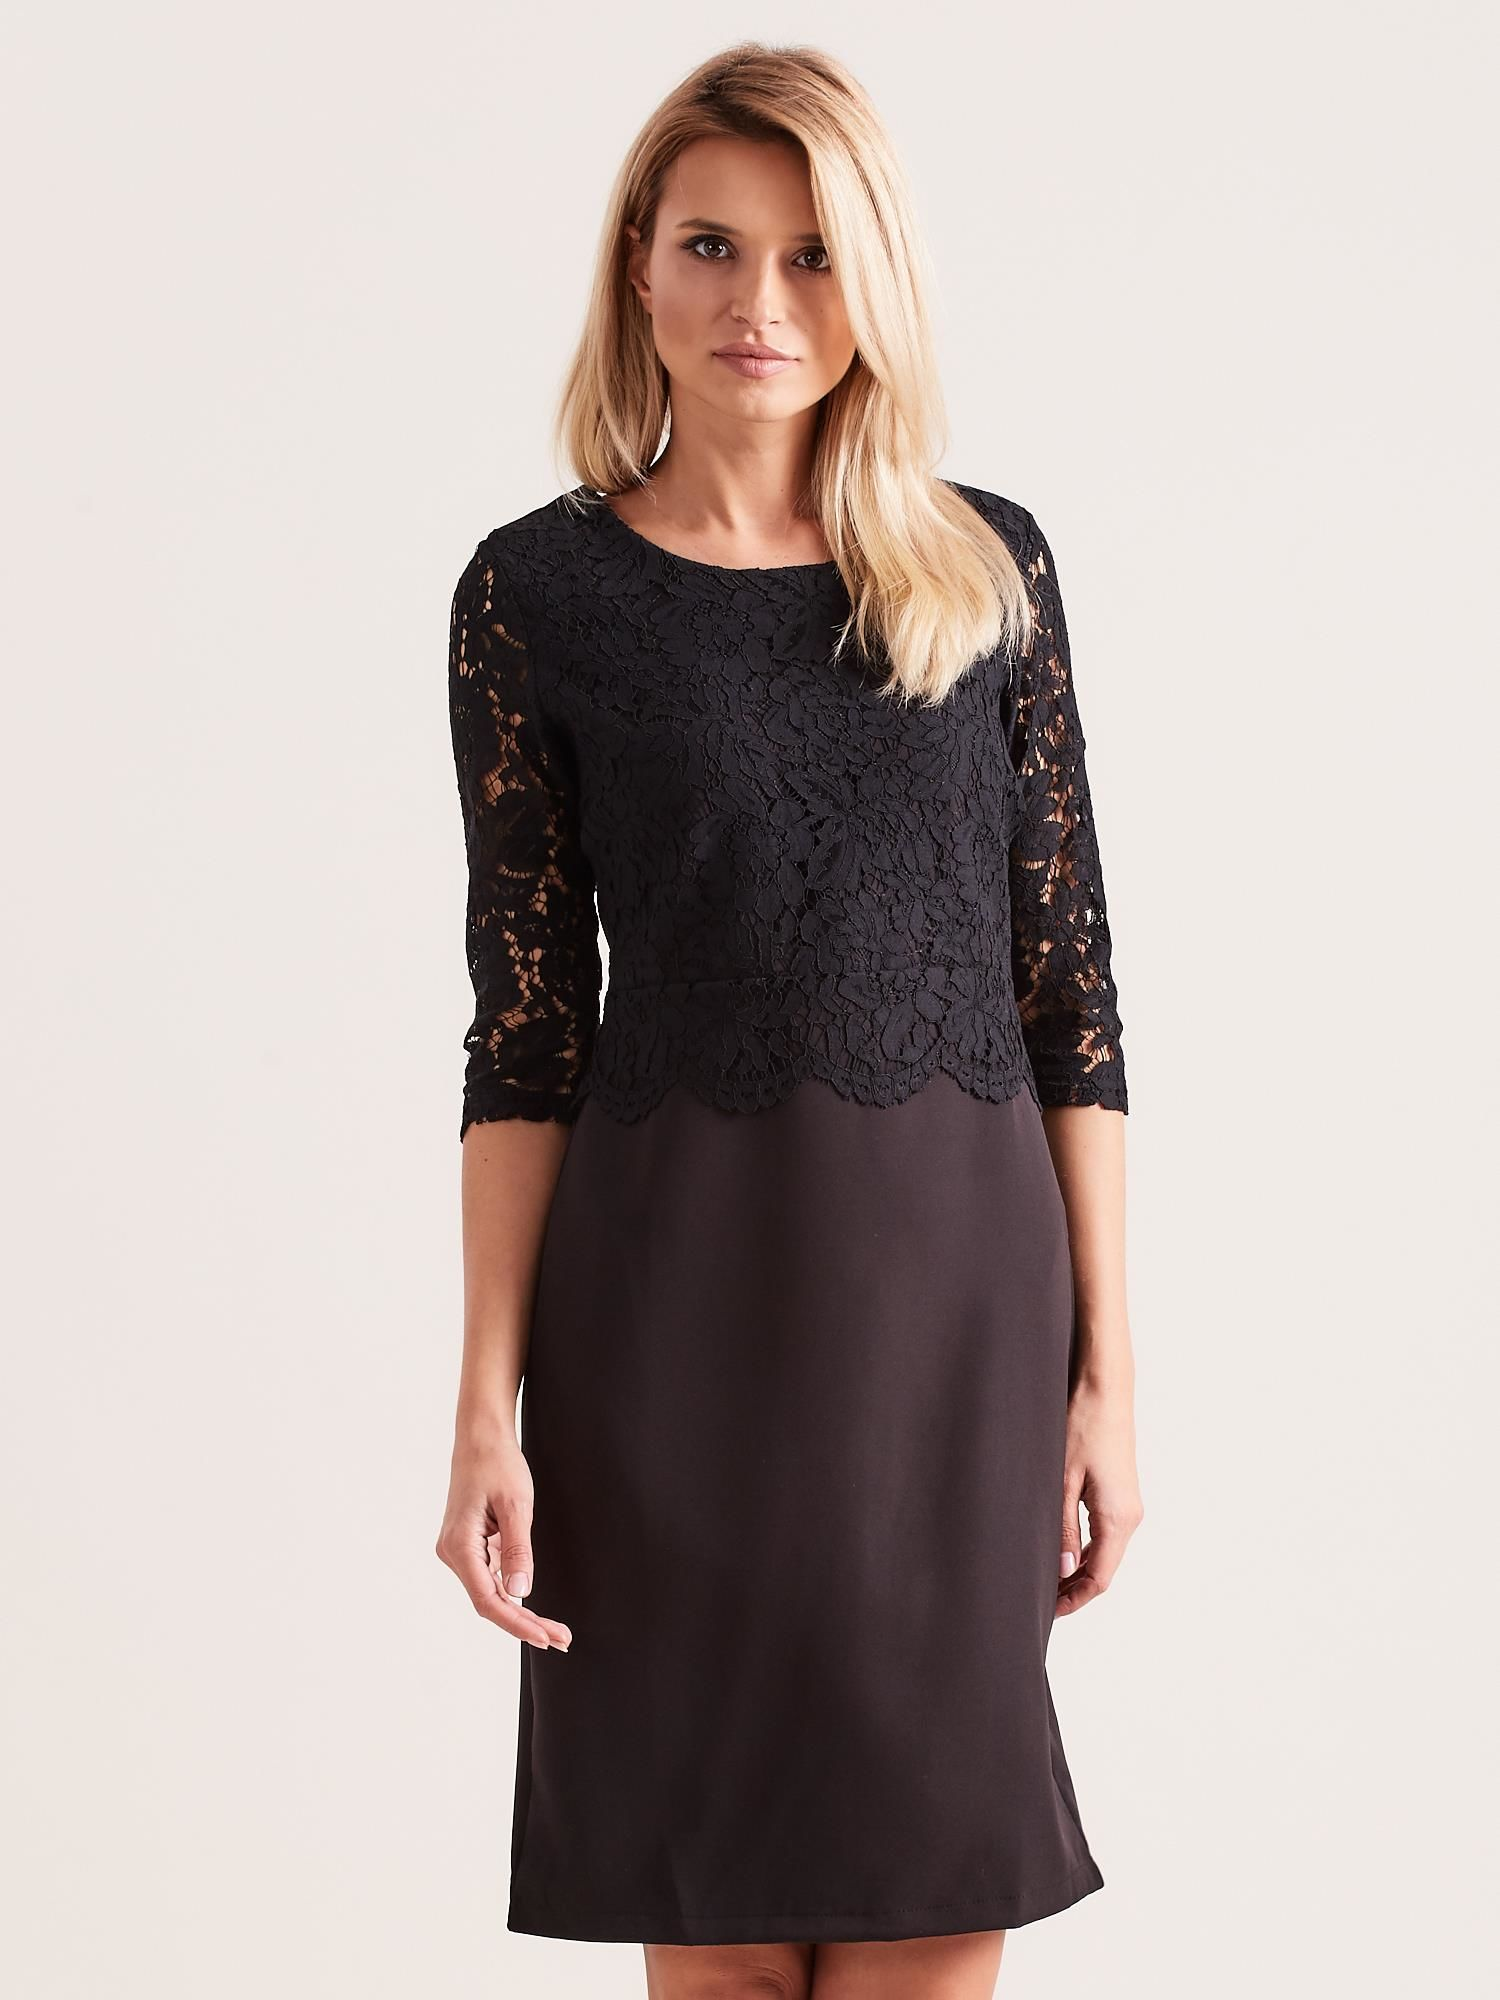 Elegantné čierne čipkované šaty s trojštvrťovými rukávmi - M